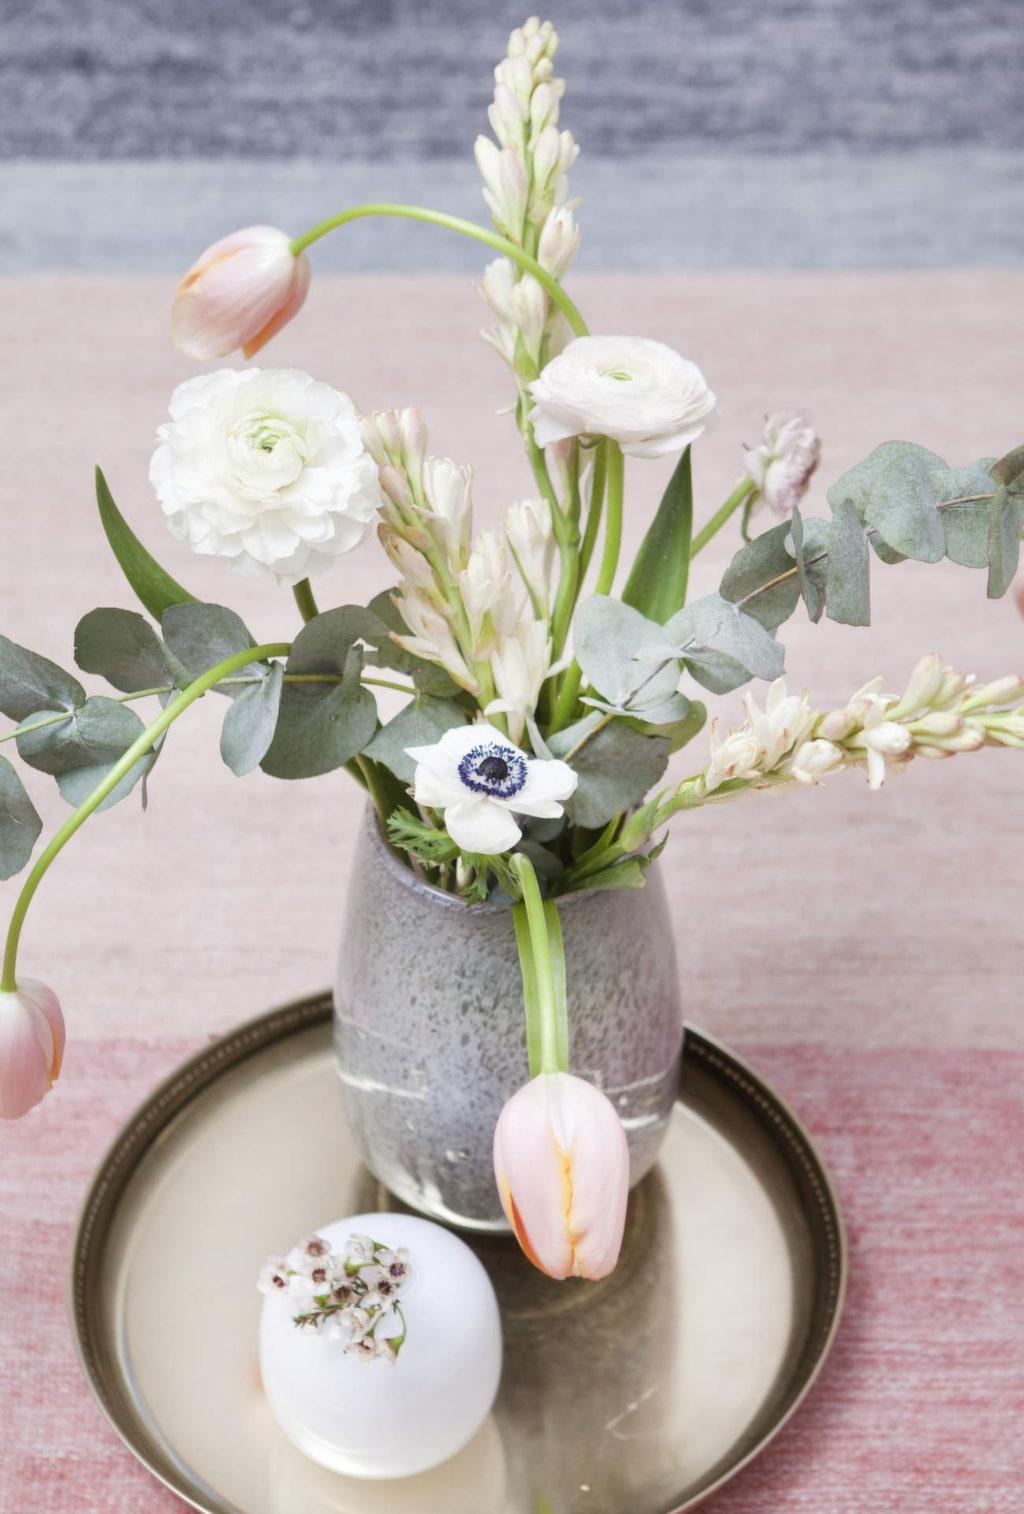 Vas, 750 kronor, Dis inredning. Vit vas, 995 kronor för två, Gallery Pascale. Mässingbricka, 299 kronor, Cozy living.